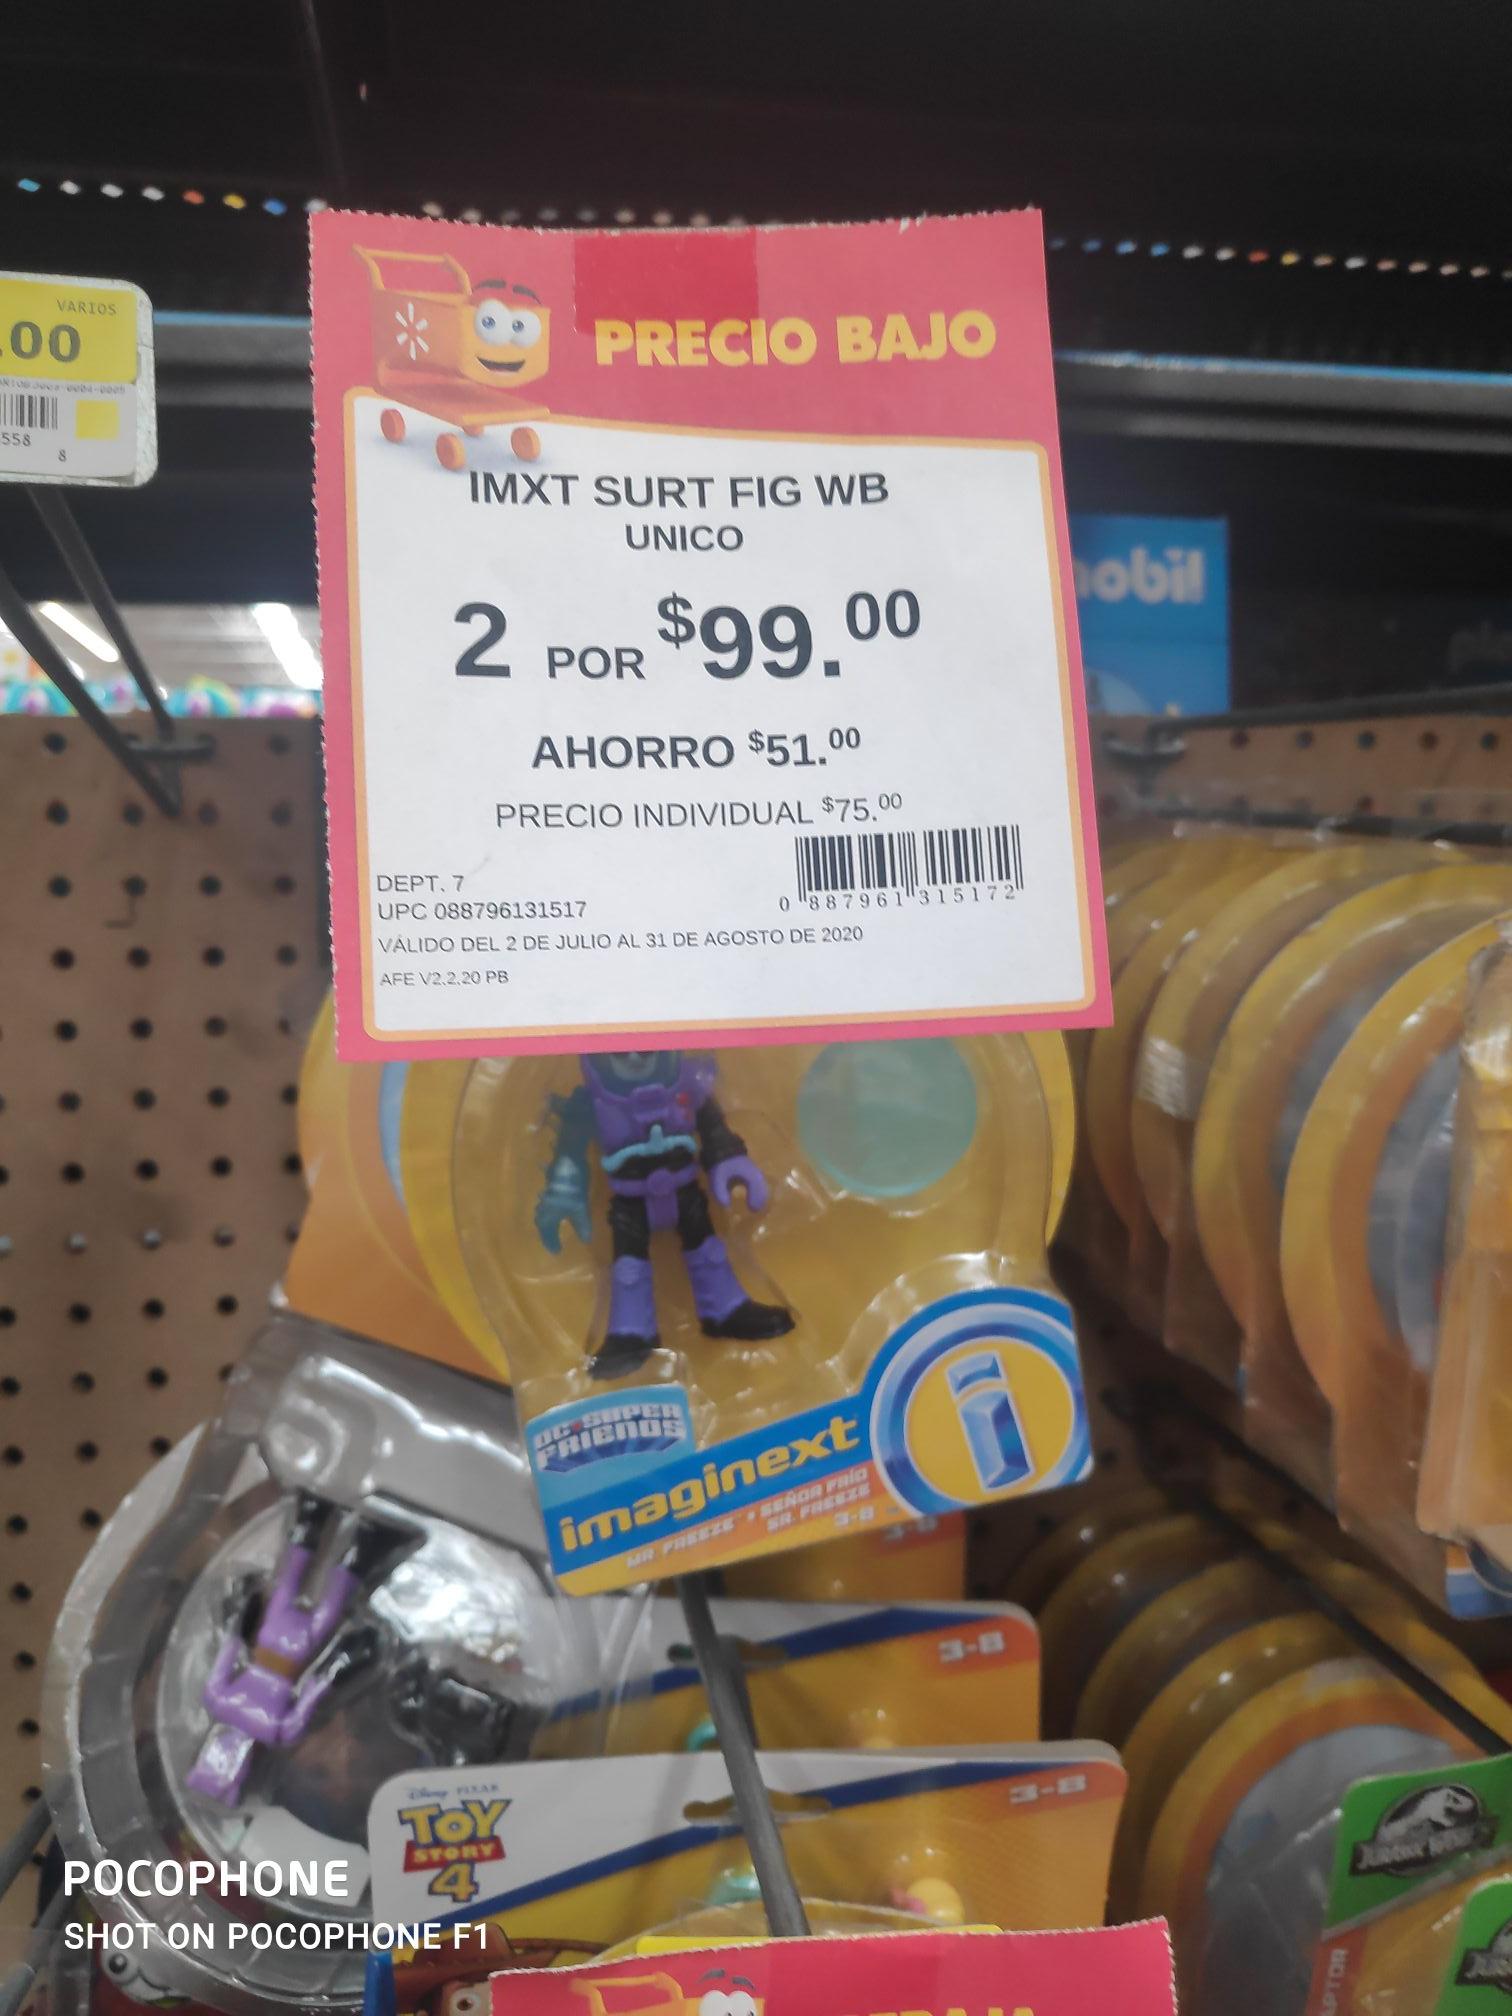 Walmart: Juguetes imxt Fig wb